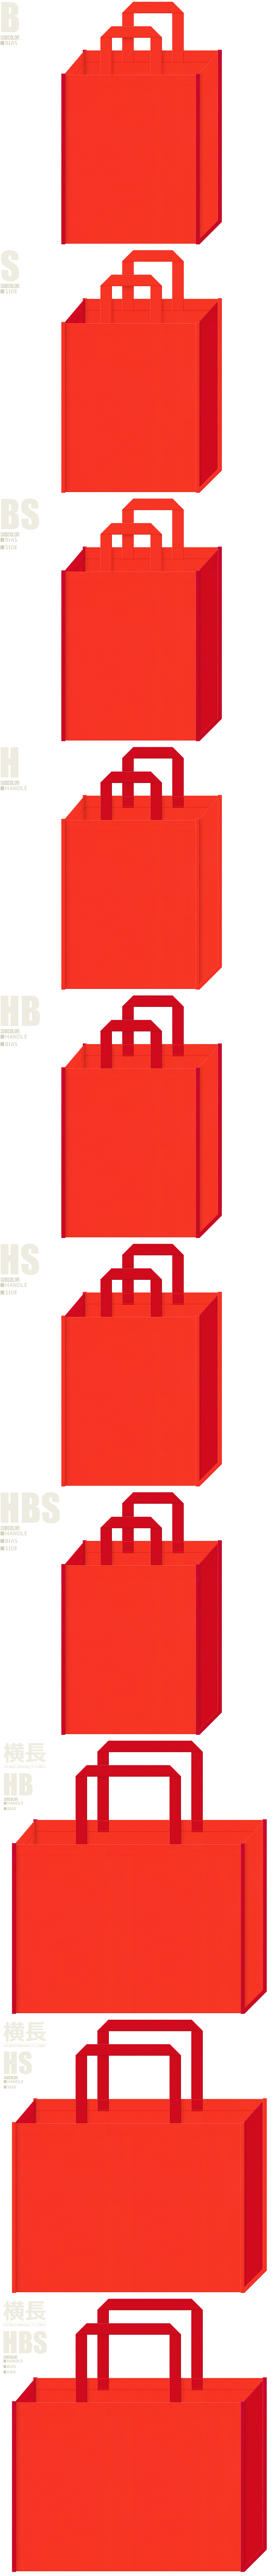 タバスコ・ラー油・サプリメント・太陽・エネルギー・暖房器具・スポーツ・キャンプ・バーベキュー・アウトドア・紅葉・観光・秋のイベントにお奨めの不織布バッグデザイン:オレンジ色と紅色の配色7パターン